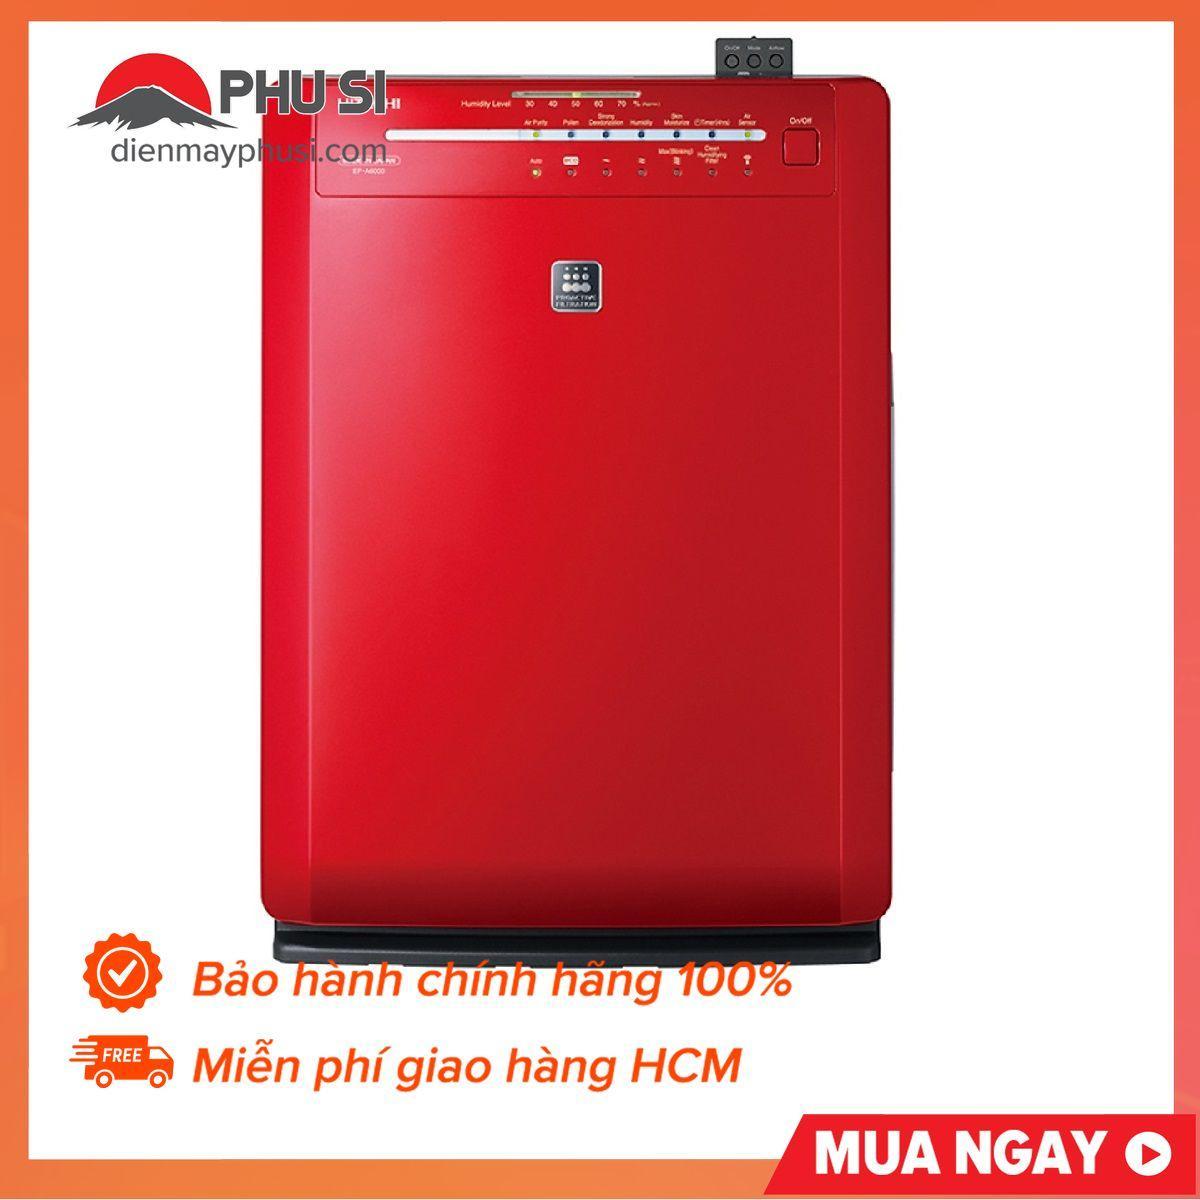 Bảng giá Máy Lọc Không Khí Hitachi EP-A6000 60W (Đỏ)